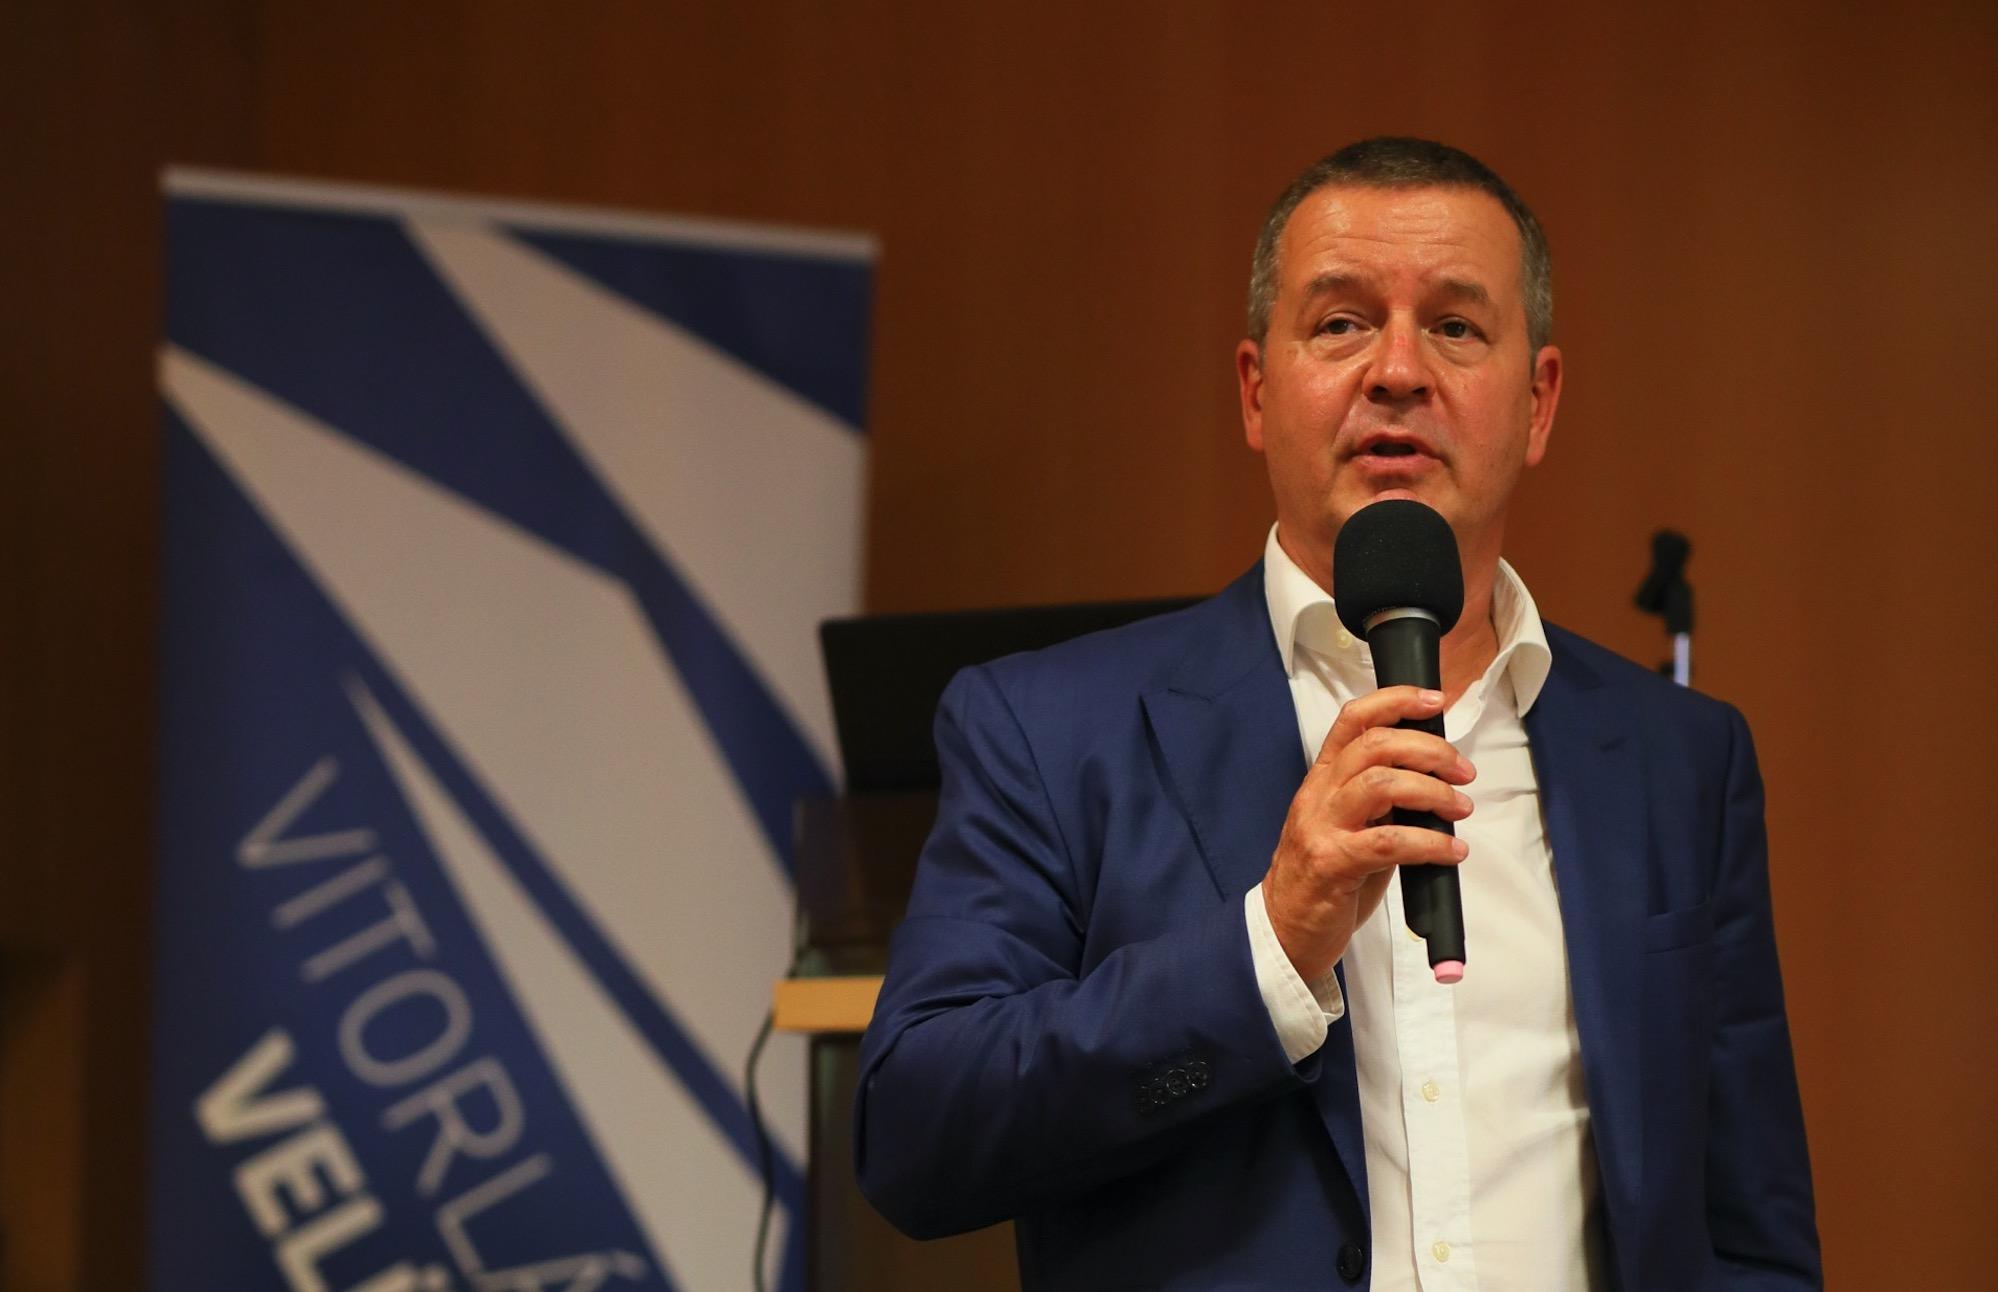 Gerendy Zoltán lett a Magyar Vitorlás Szövetség elnöke